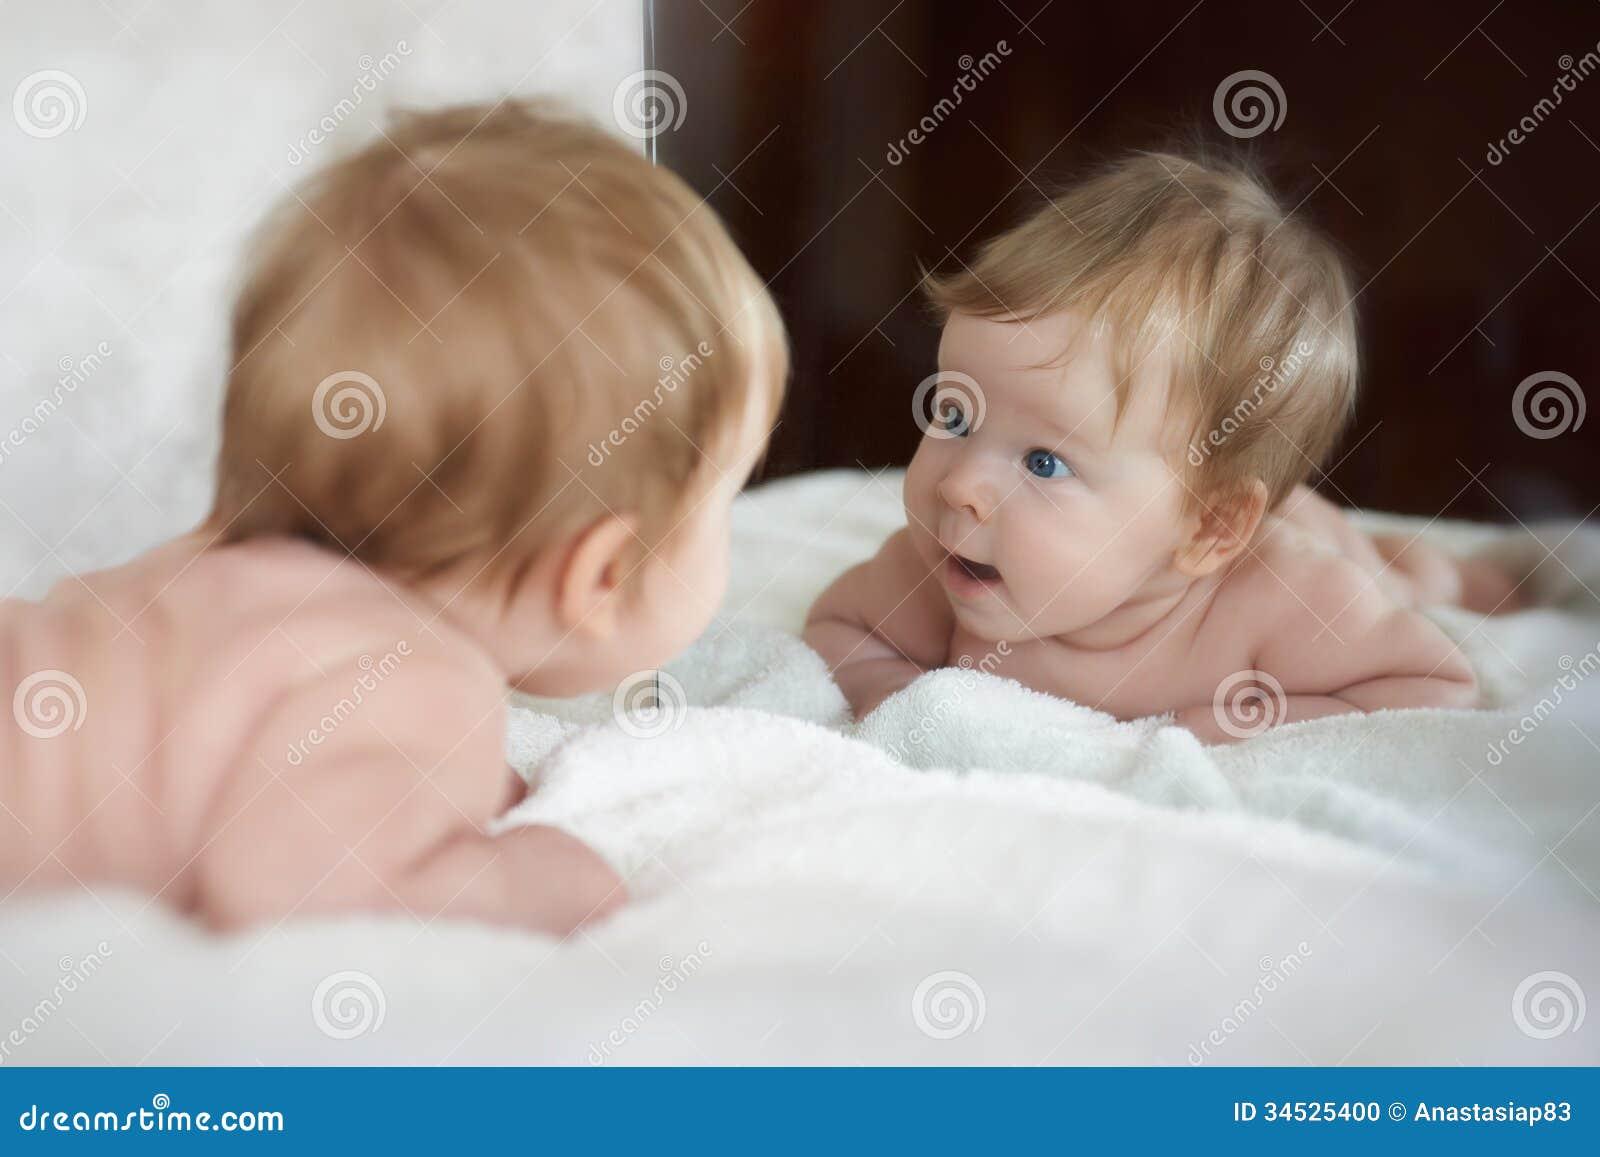 La petite fille a rencontré un nouvel ami dans la réflexion de miroir